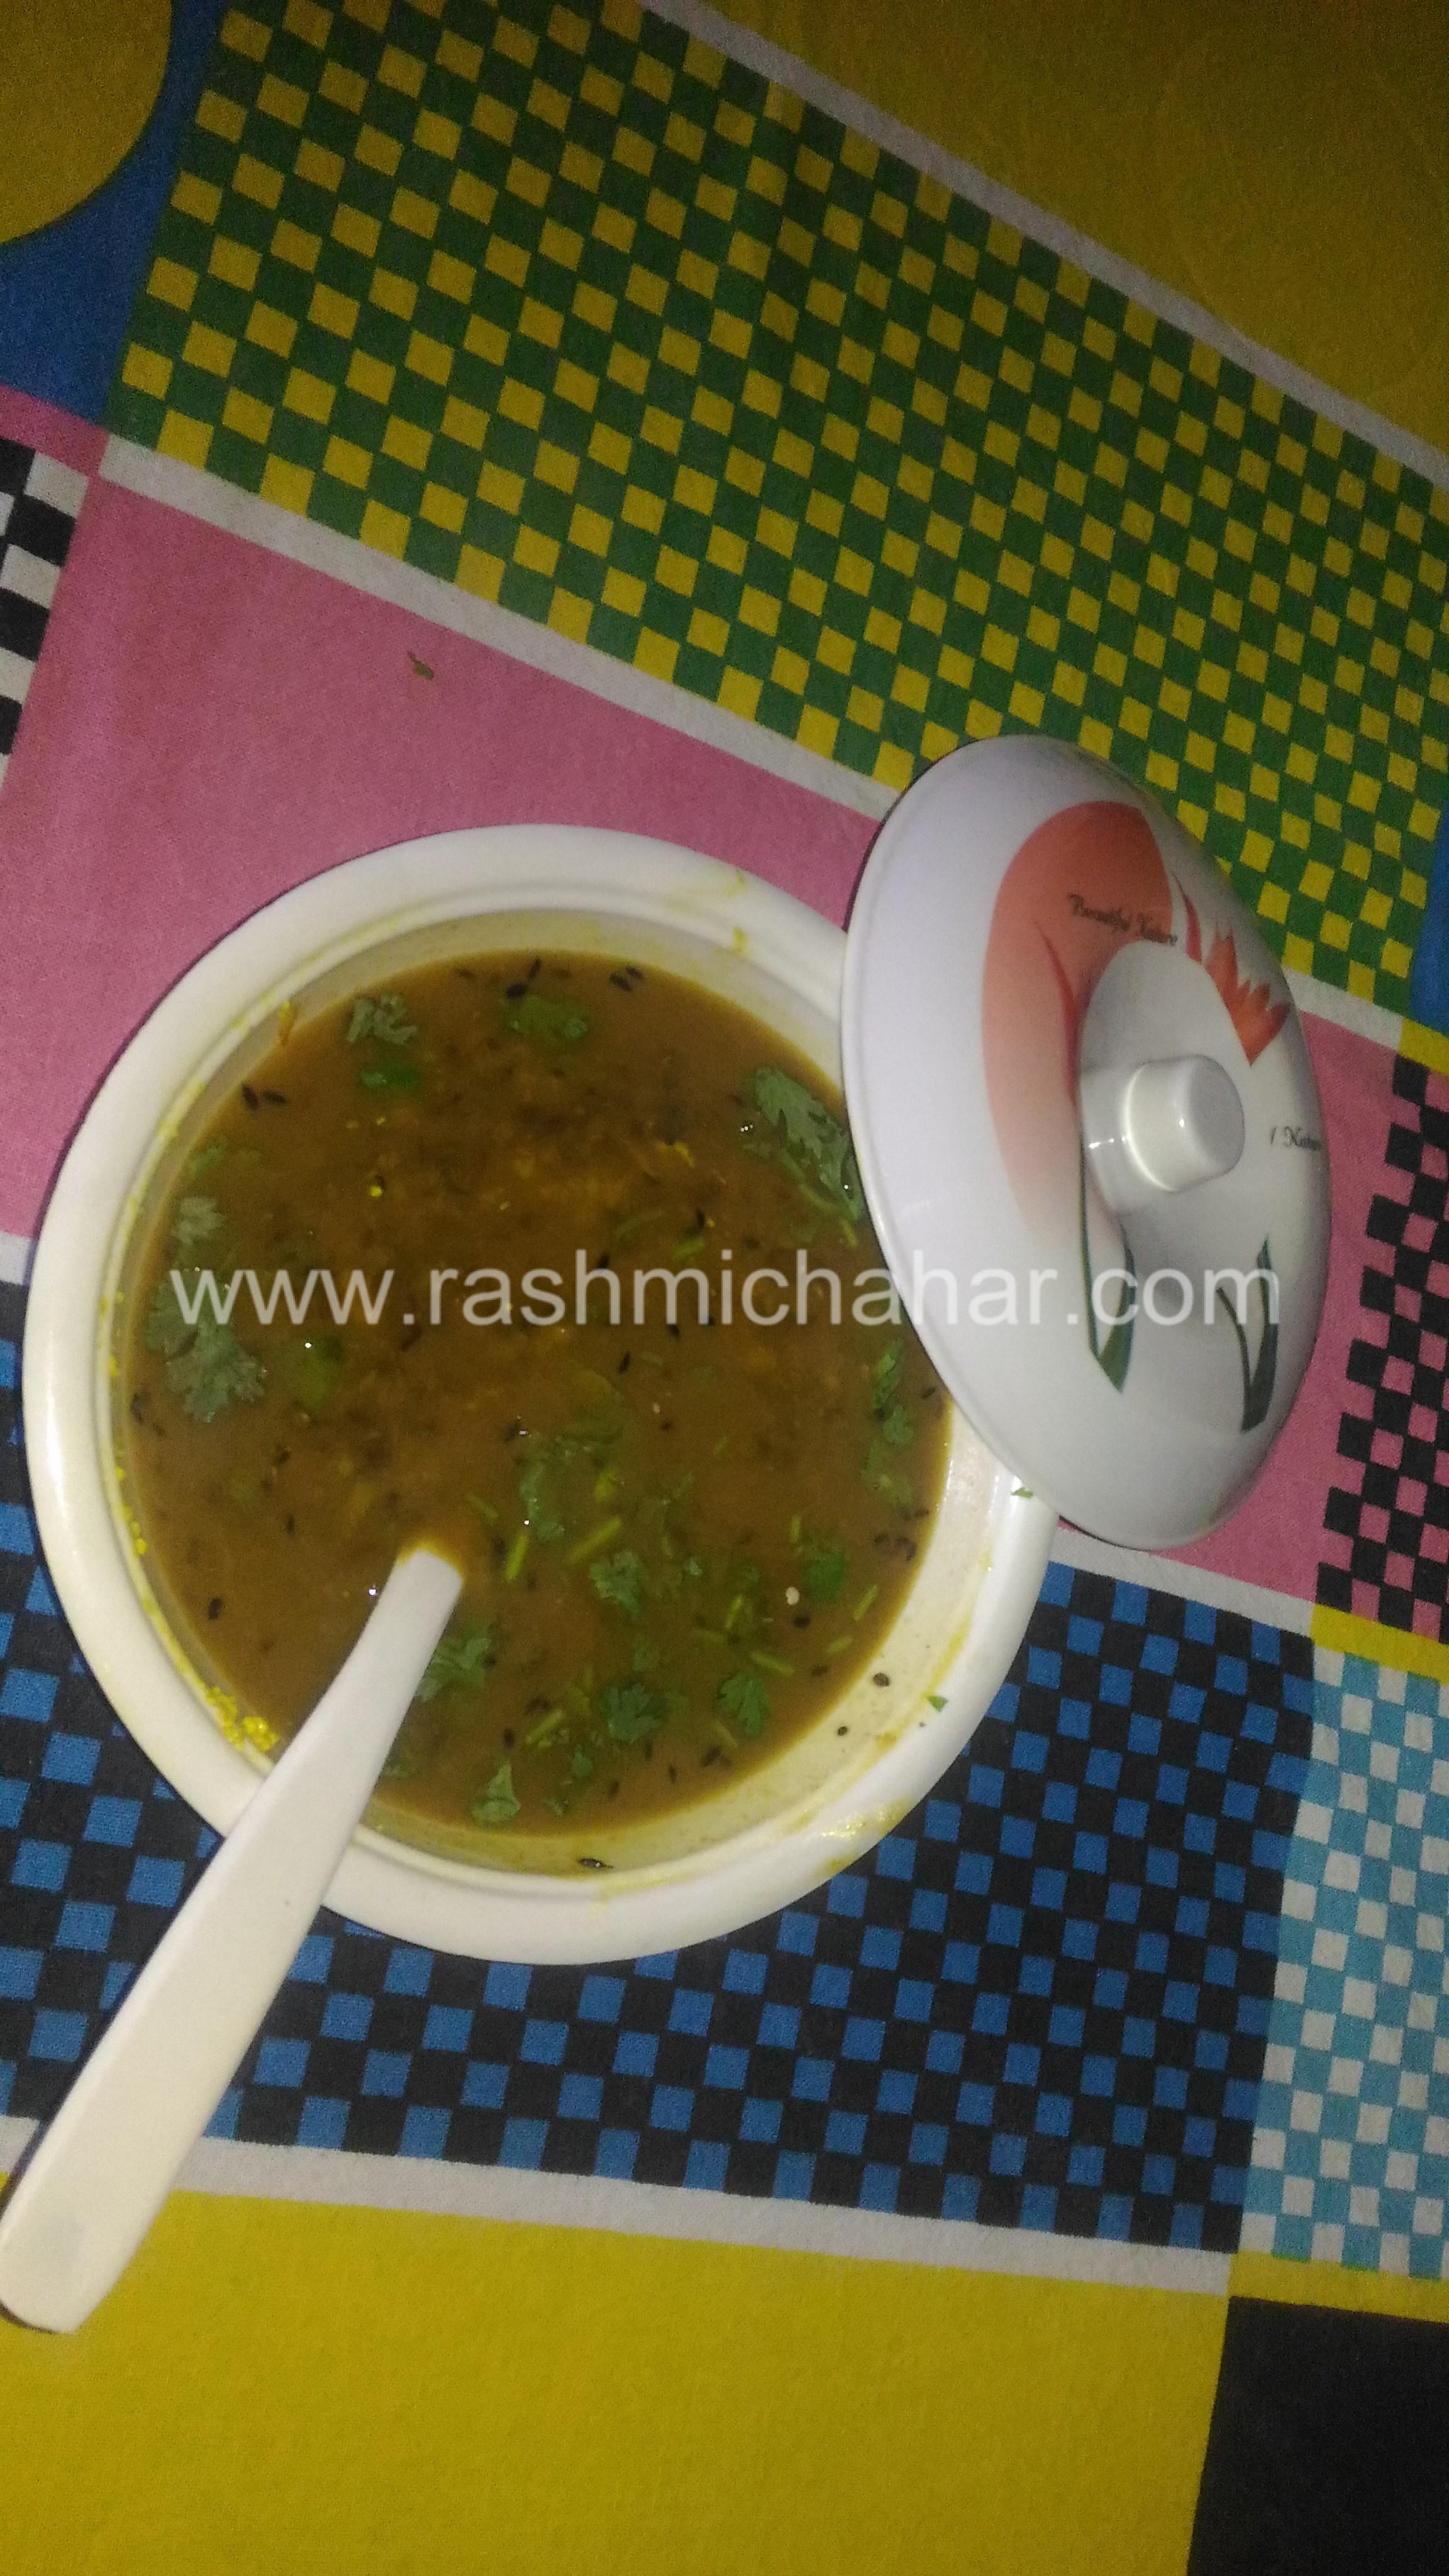 छिलका उड़द दाल बनाना | Chhilka Urad Dal Recipe | How to make Chhilka urad dal